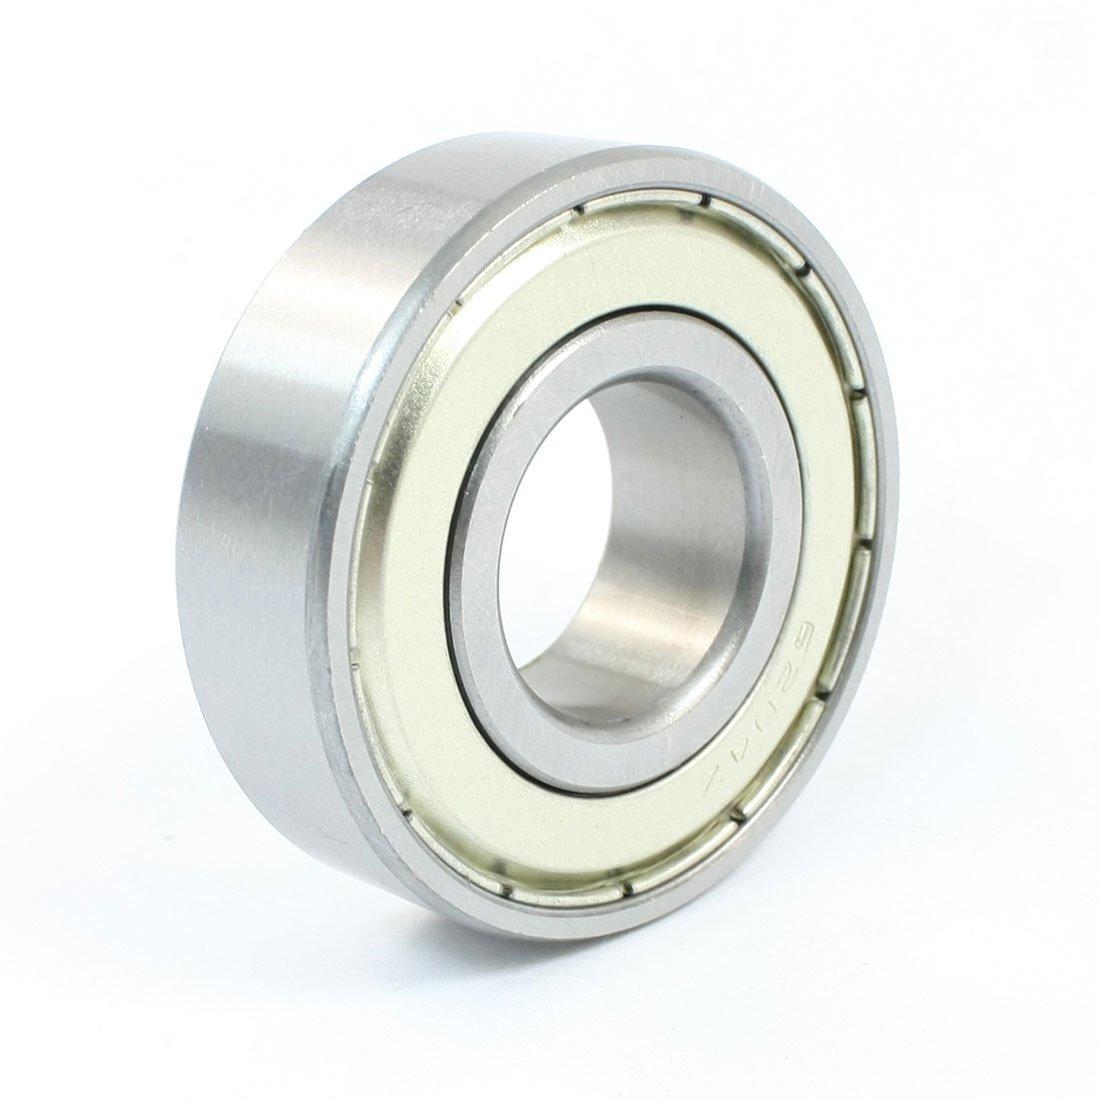 Surenhap Microwelle Halterung Mikrowellenhalter Premium Edelstahl Ablage Mikrowellenhalterung